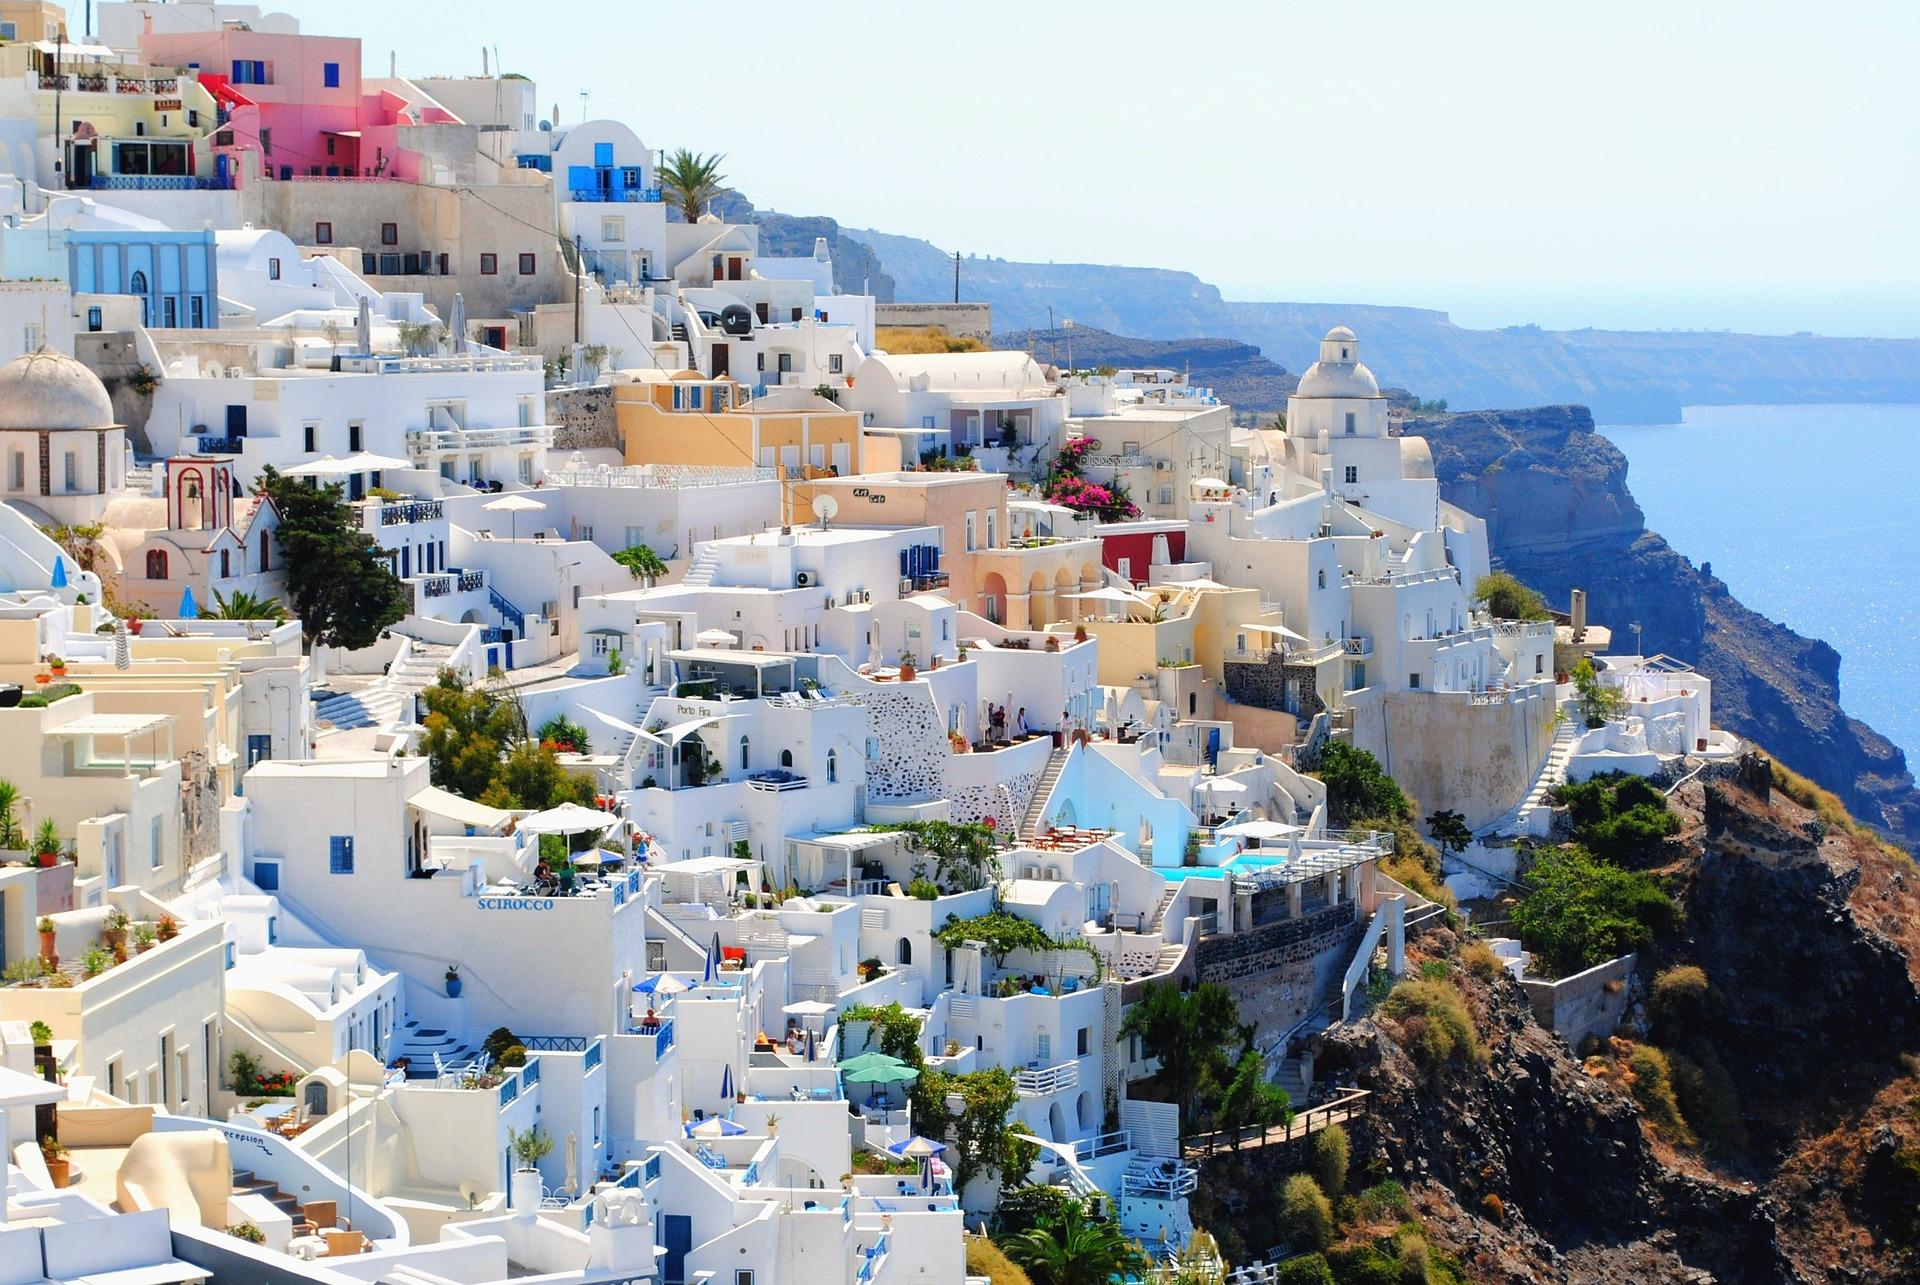 सेंटोरिनी, यूनान, यात्रा, छुट्टी, ग्रीष्मकालीन, गांव, सागर, आकाश, भगदड़ स्क्रीन HD वॉलपेपर - प्रोफेसर-falken.com